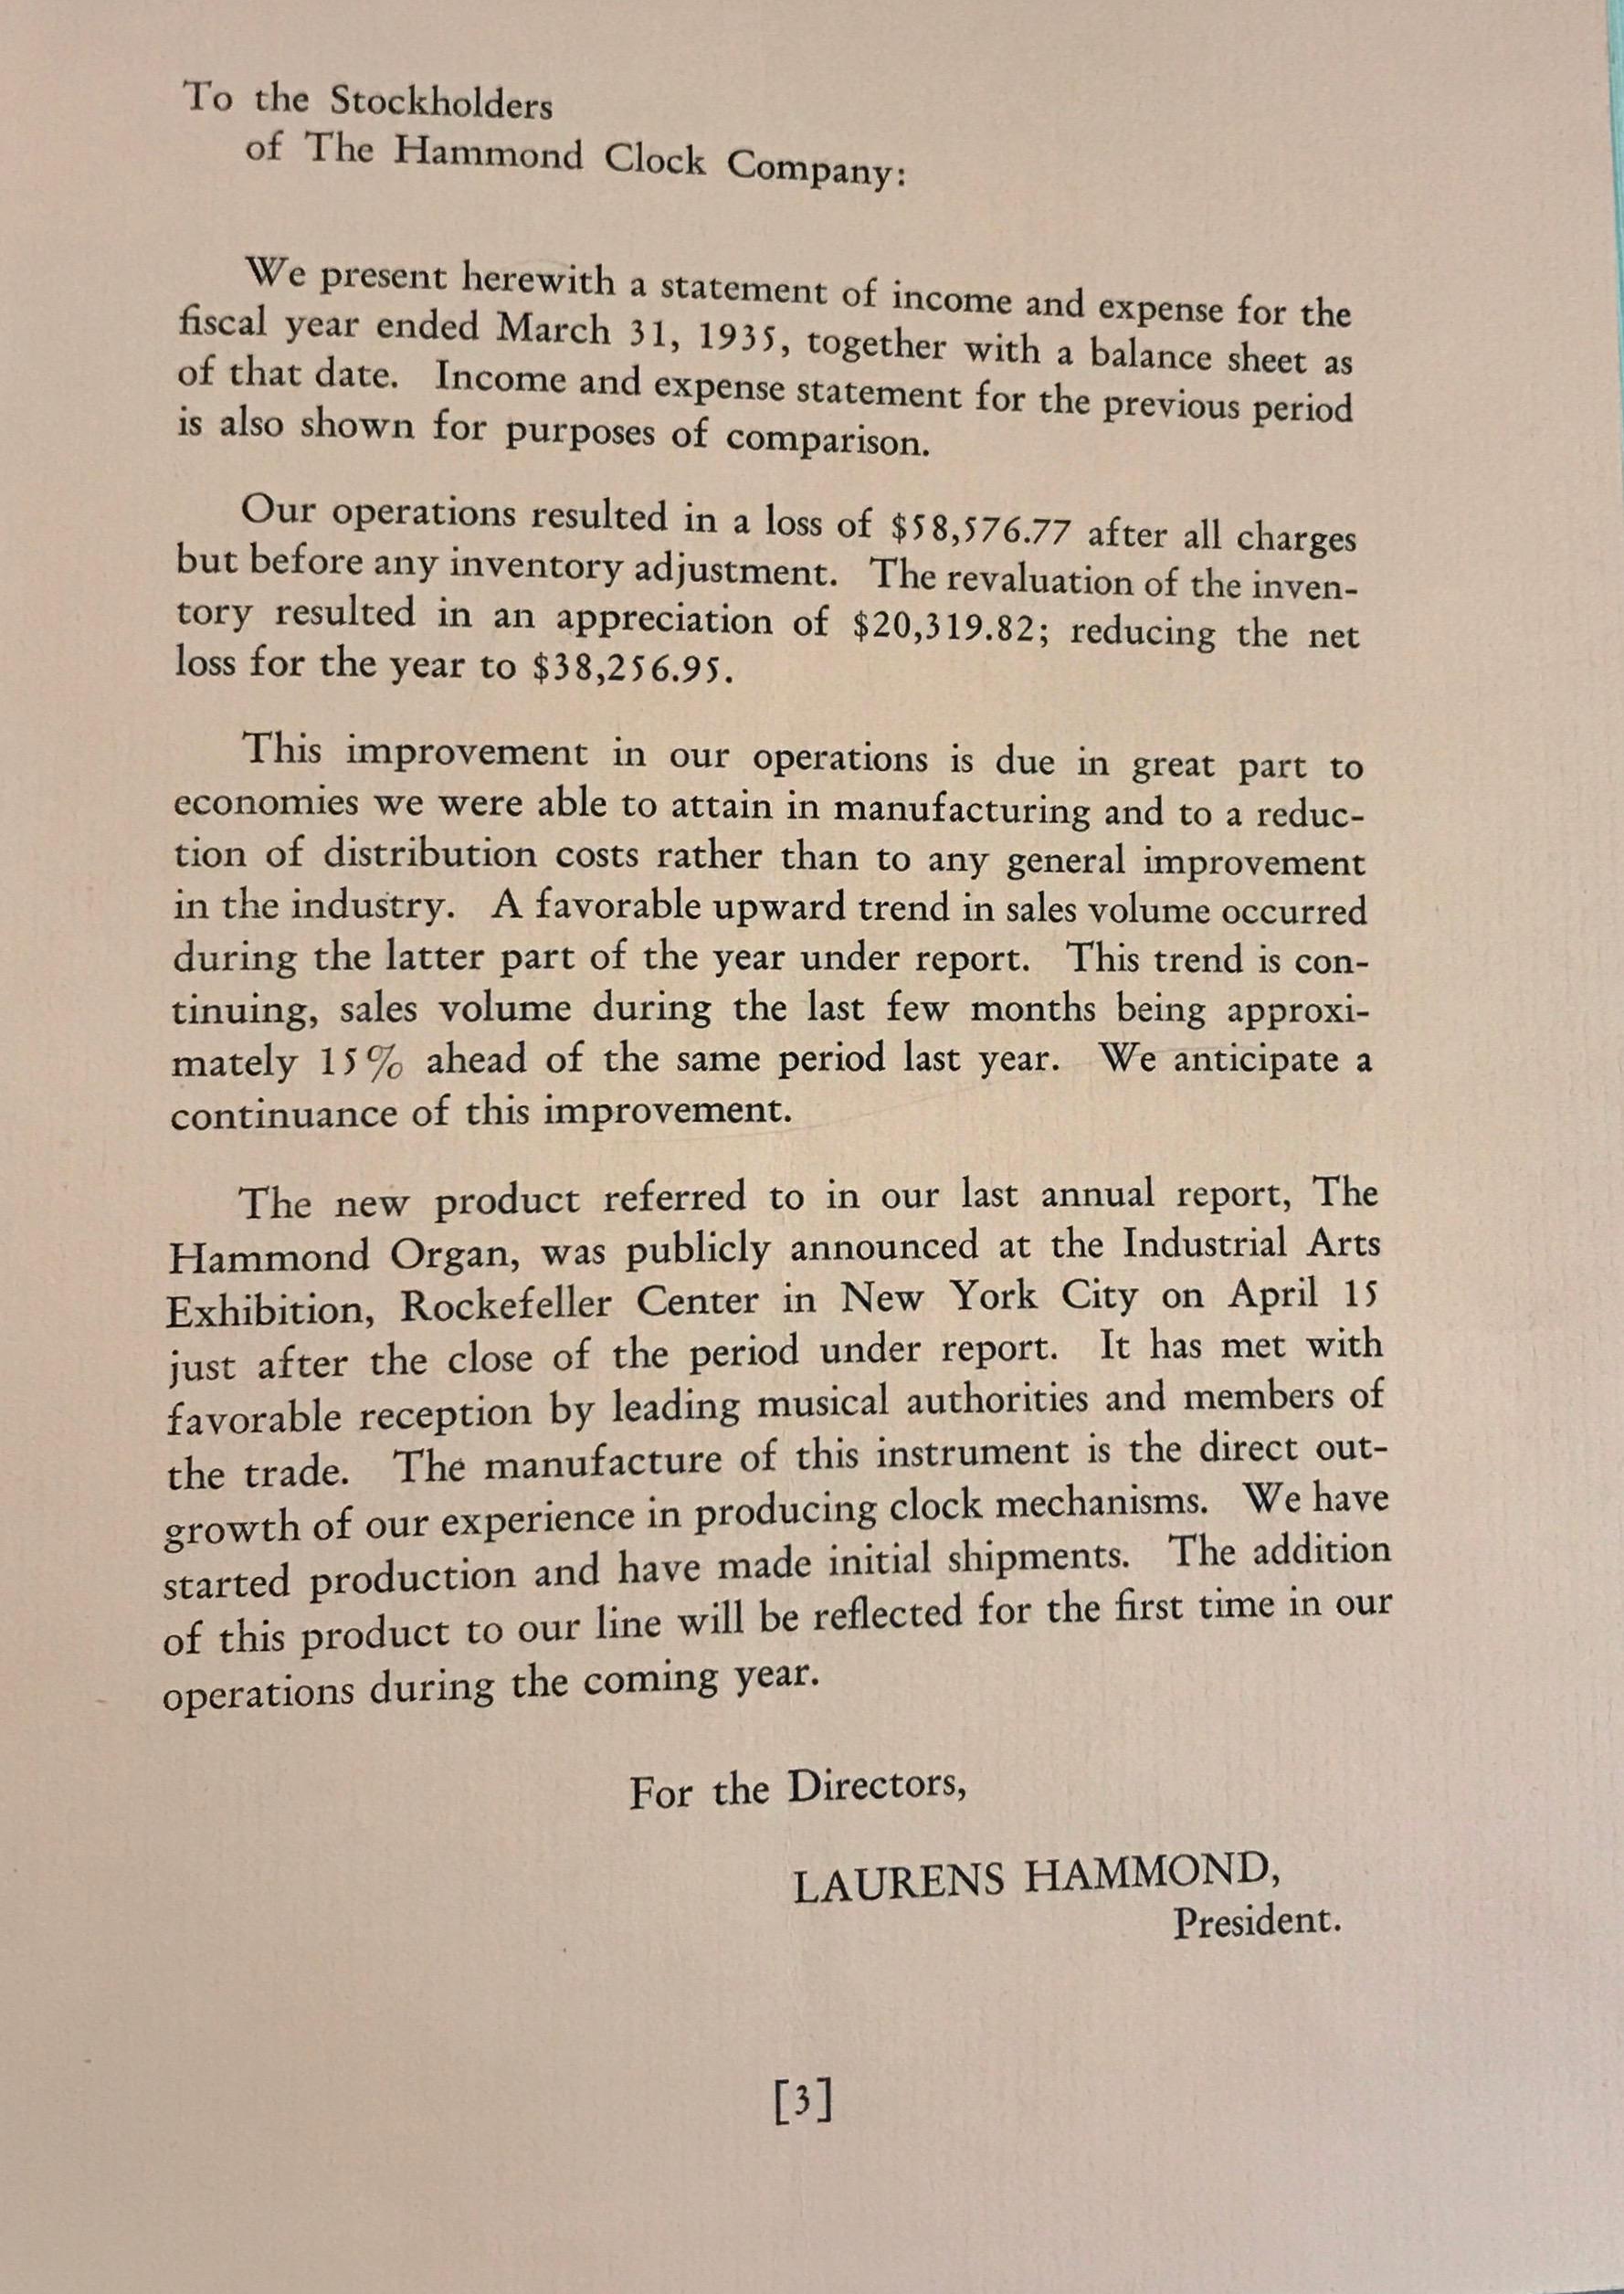 1935 LH to shareholders.jpg